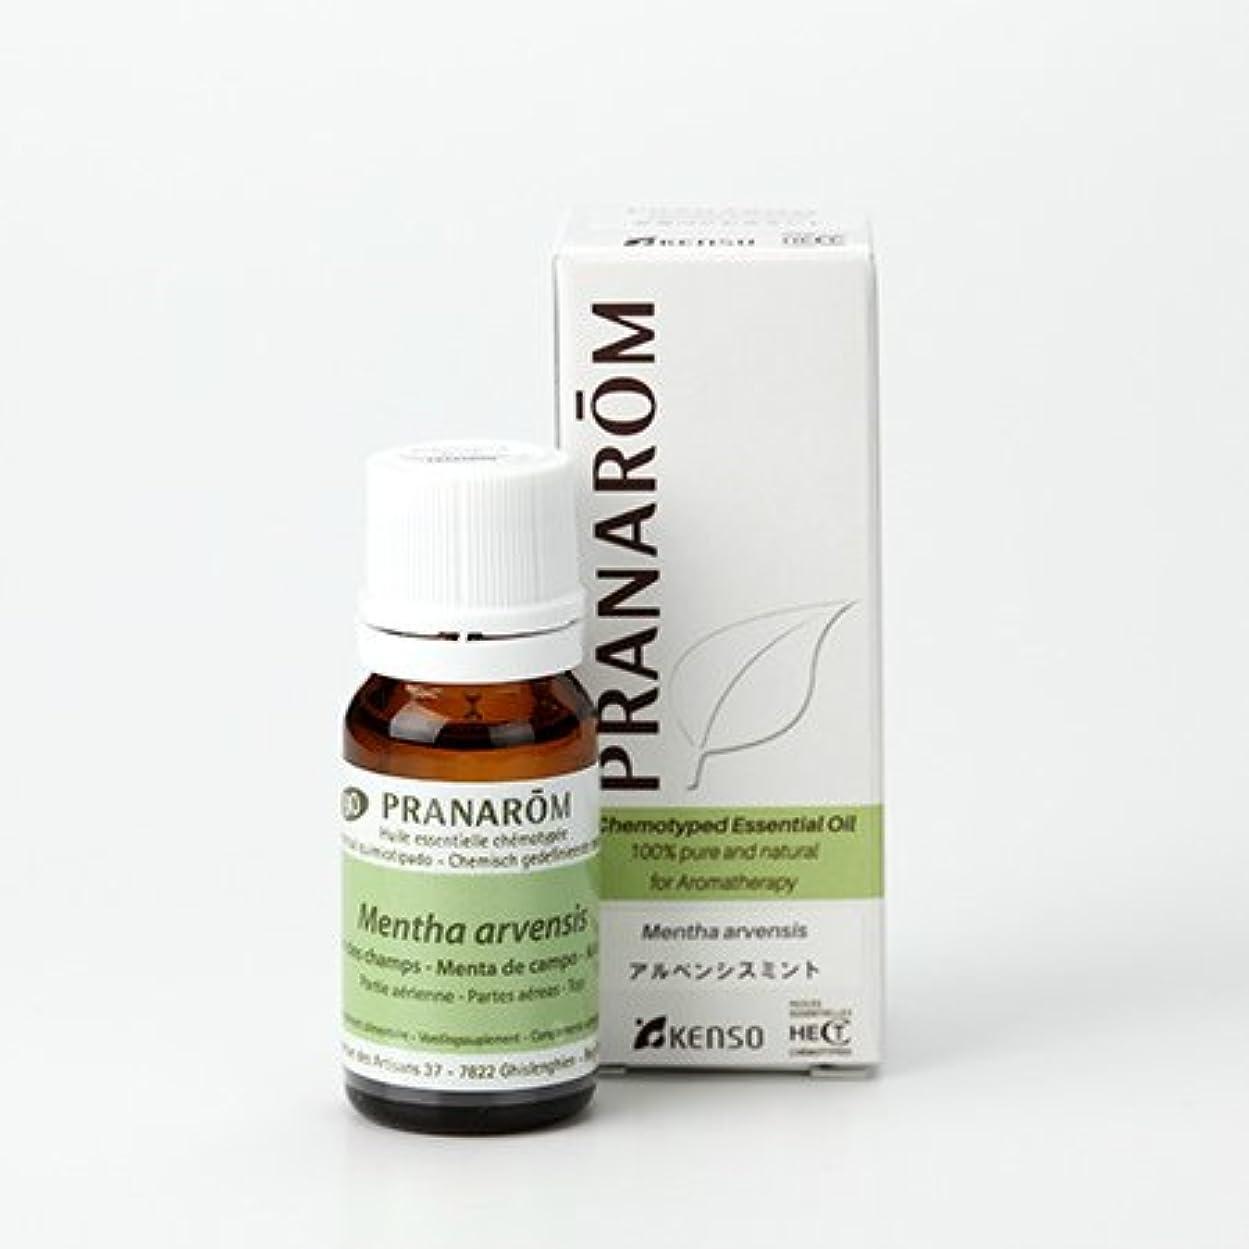 フレア同意ブレーキプラナロム アルベンシスミント 10ml (PRANAROM ケモタイプ精油)